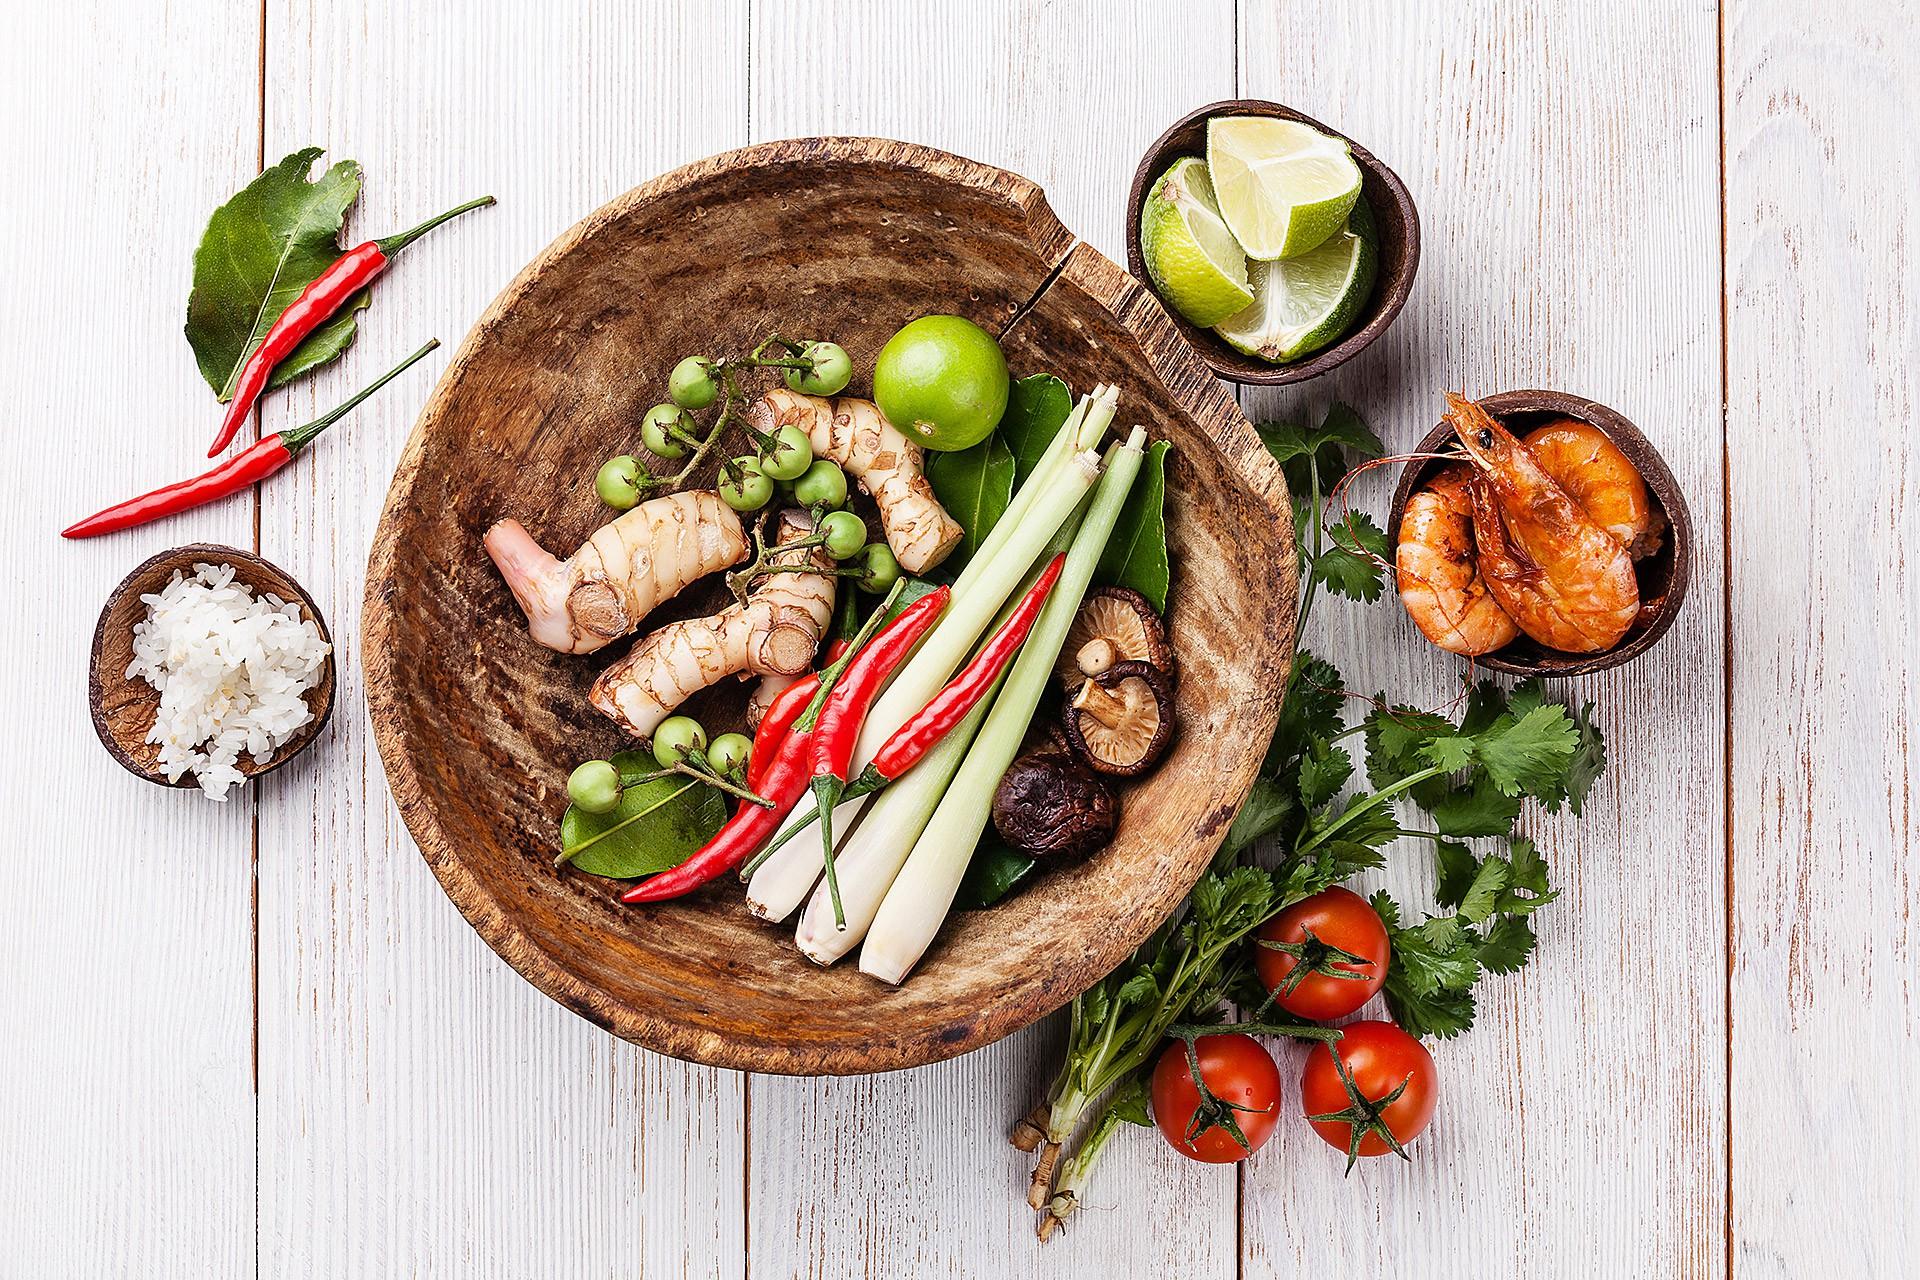 Het lekkerste Thaise restaurant om eten uit te halen in de buurt van Zwijndrecht